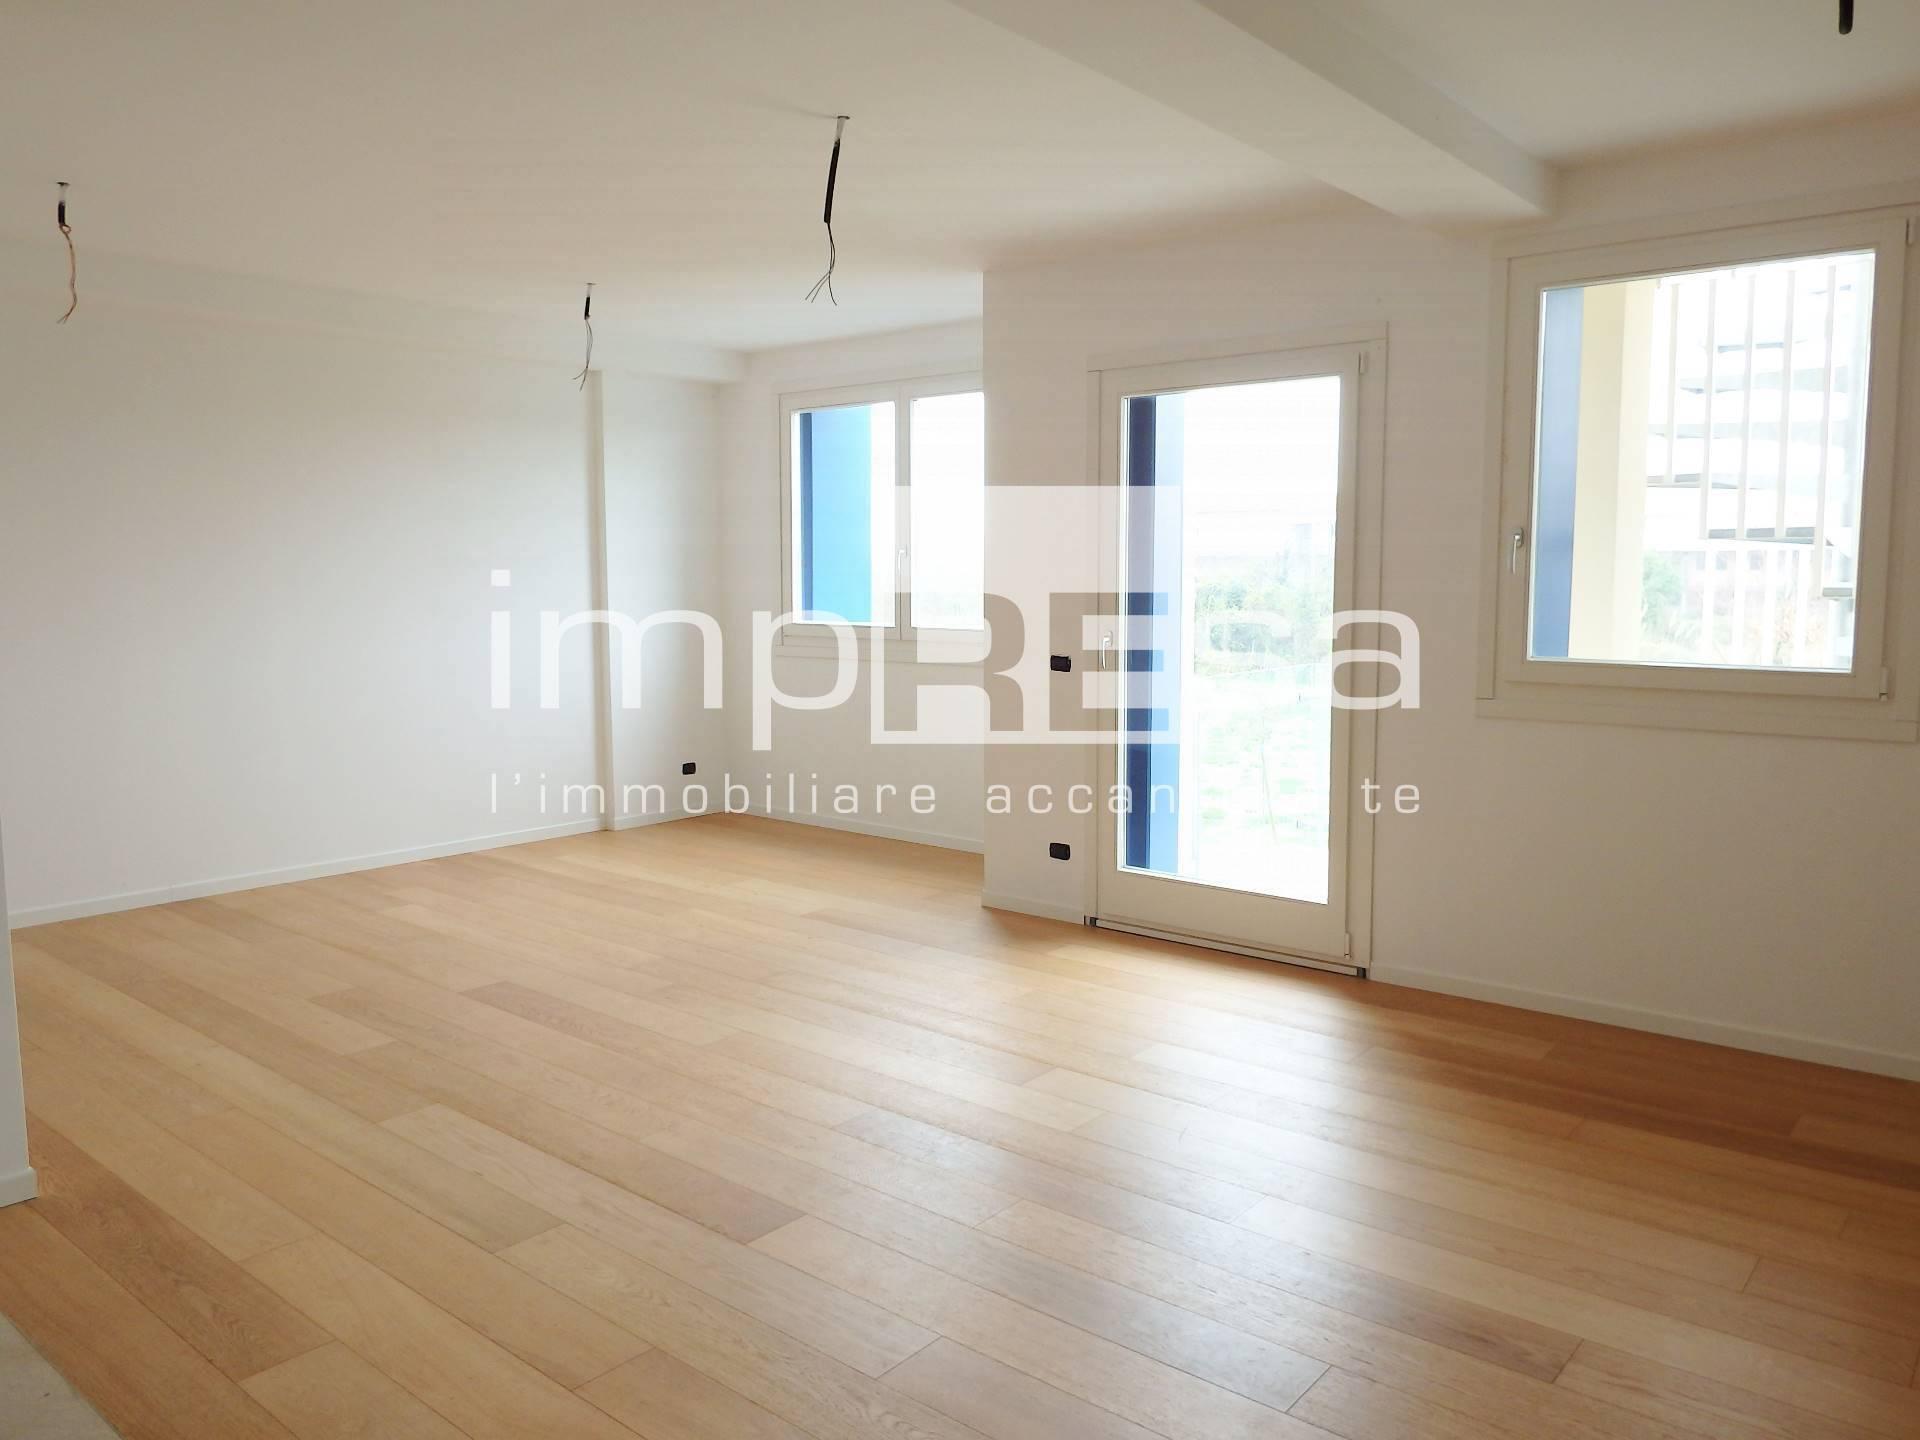 Appartamento in vendita a Venezia, 3 locali, zona Località: LidodiVeneziacentro, prezzo € 485.000   PortaleAgenzieImmobiliari.it